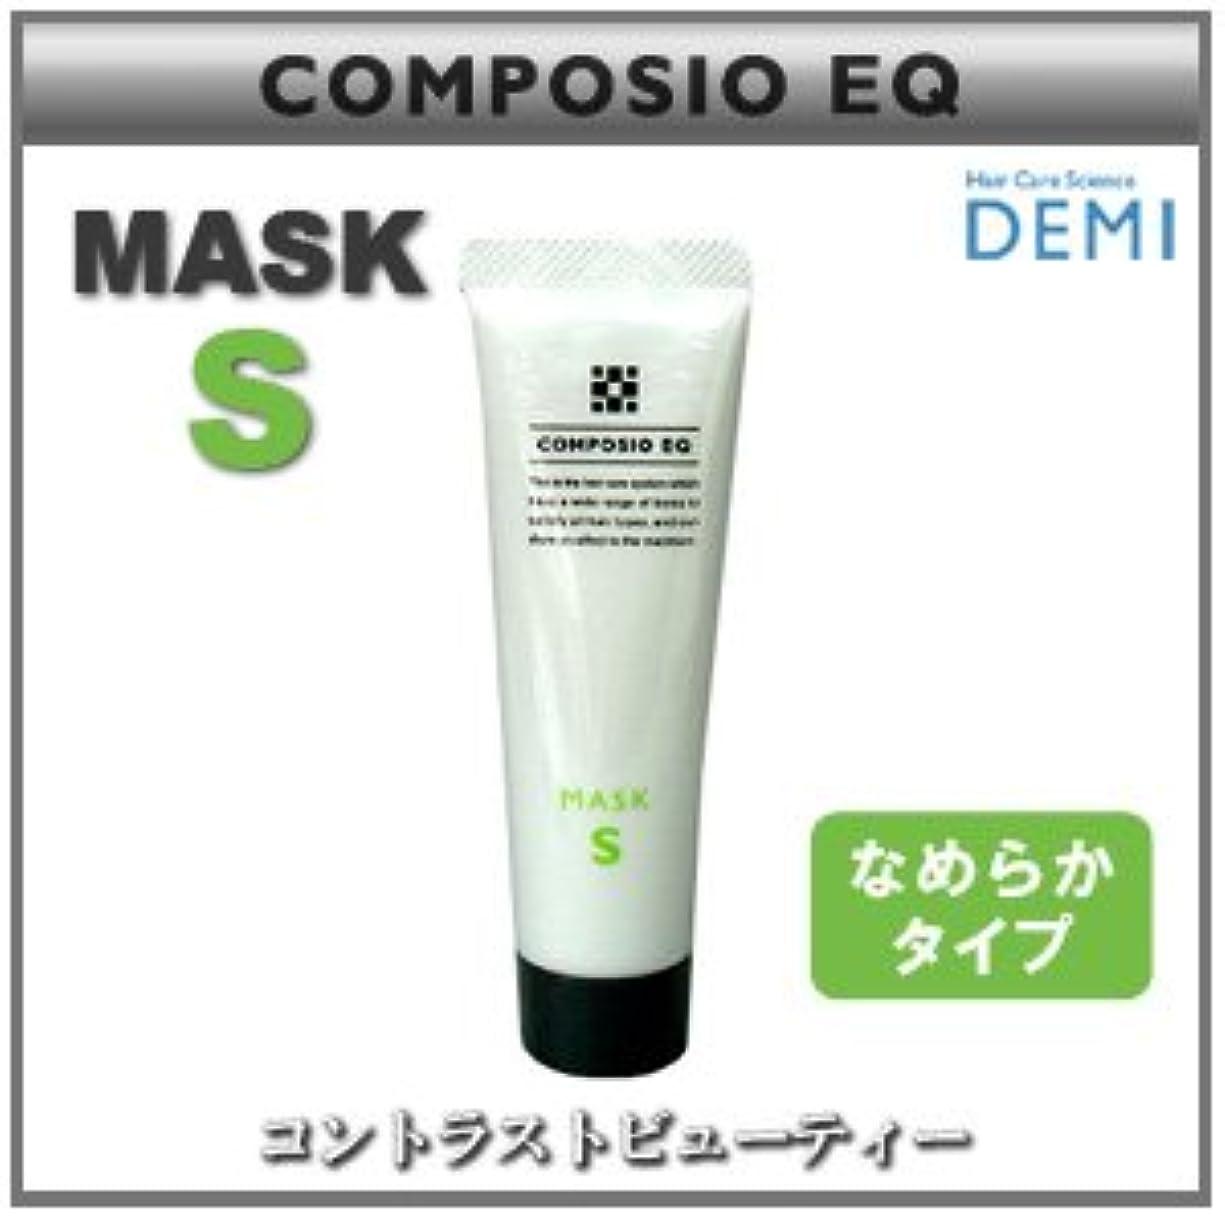 そう豚ドキュメンタリー【X3個セット】 デミ コンポジオ EQ マスク S 50g